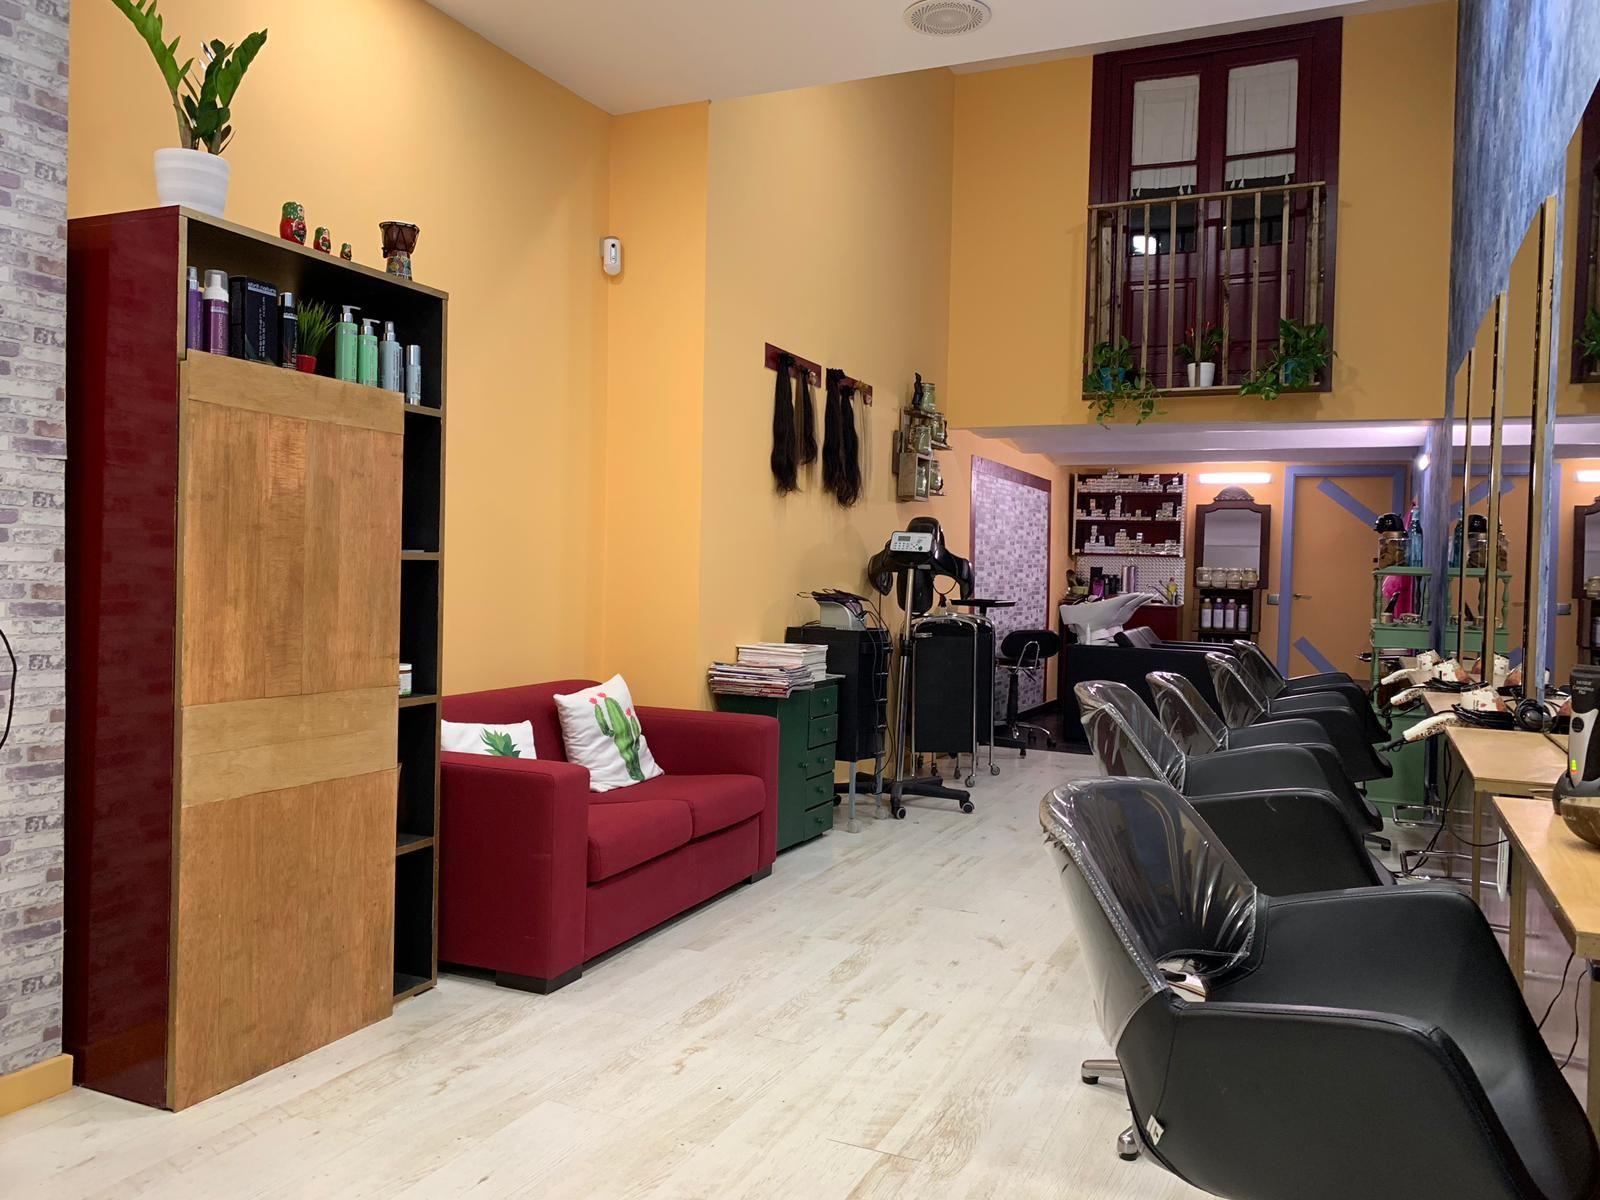 Foto 8 de Salón de belleza y centro de peluquería en Barcelona en Barcelona | MCB Salón de Belleza